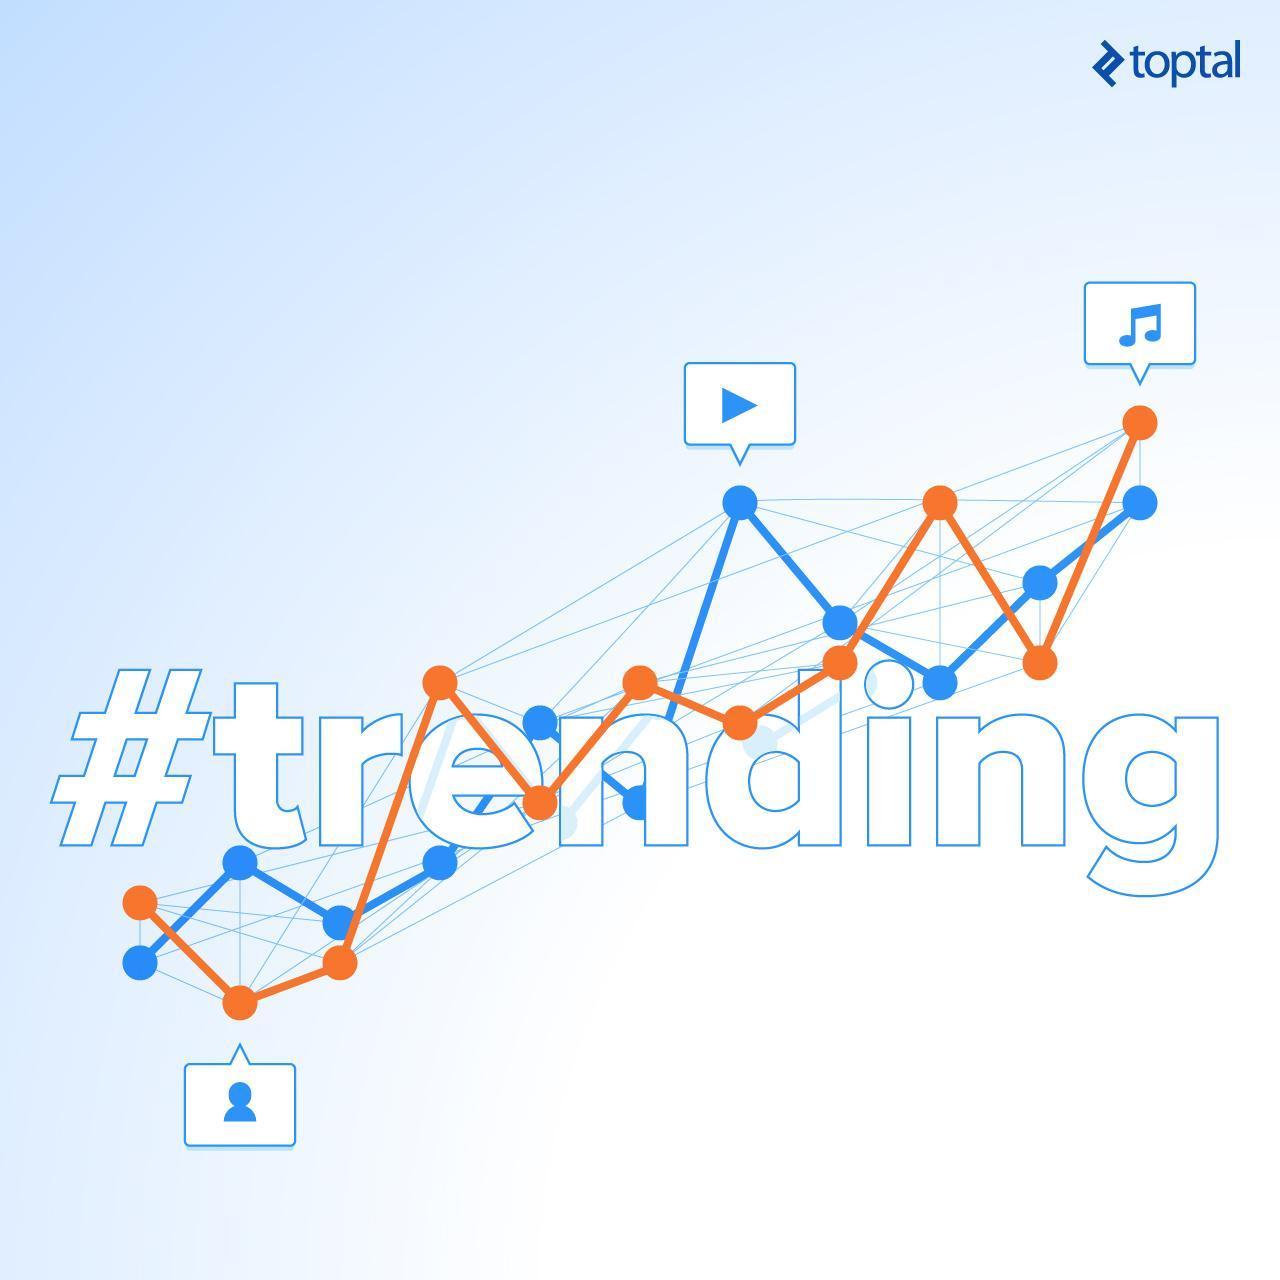 Ilustración: Los Hashtags se pueden usar para extraer información y sentimiento de valor, que se puede aplicar a múltiples industrias.